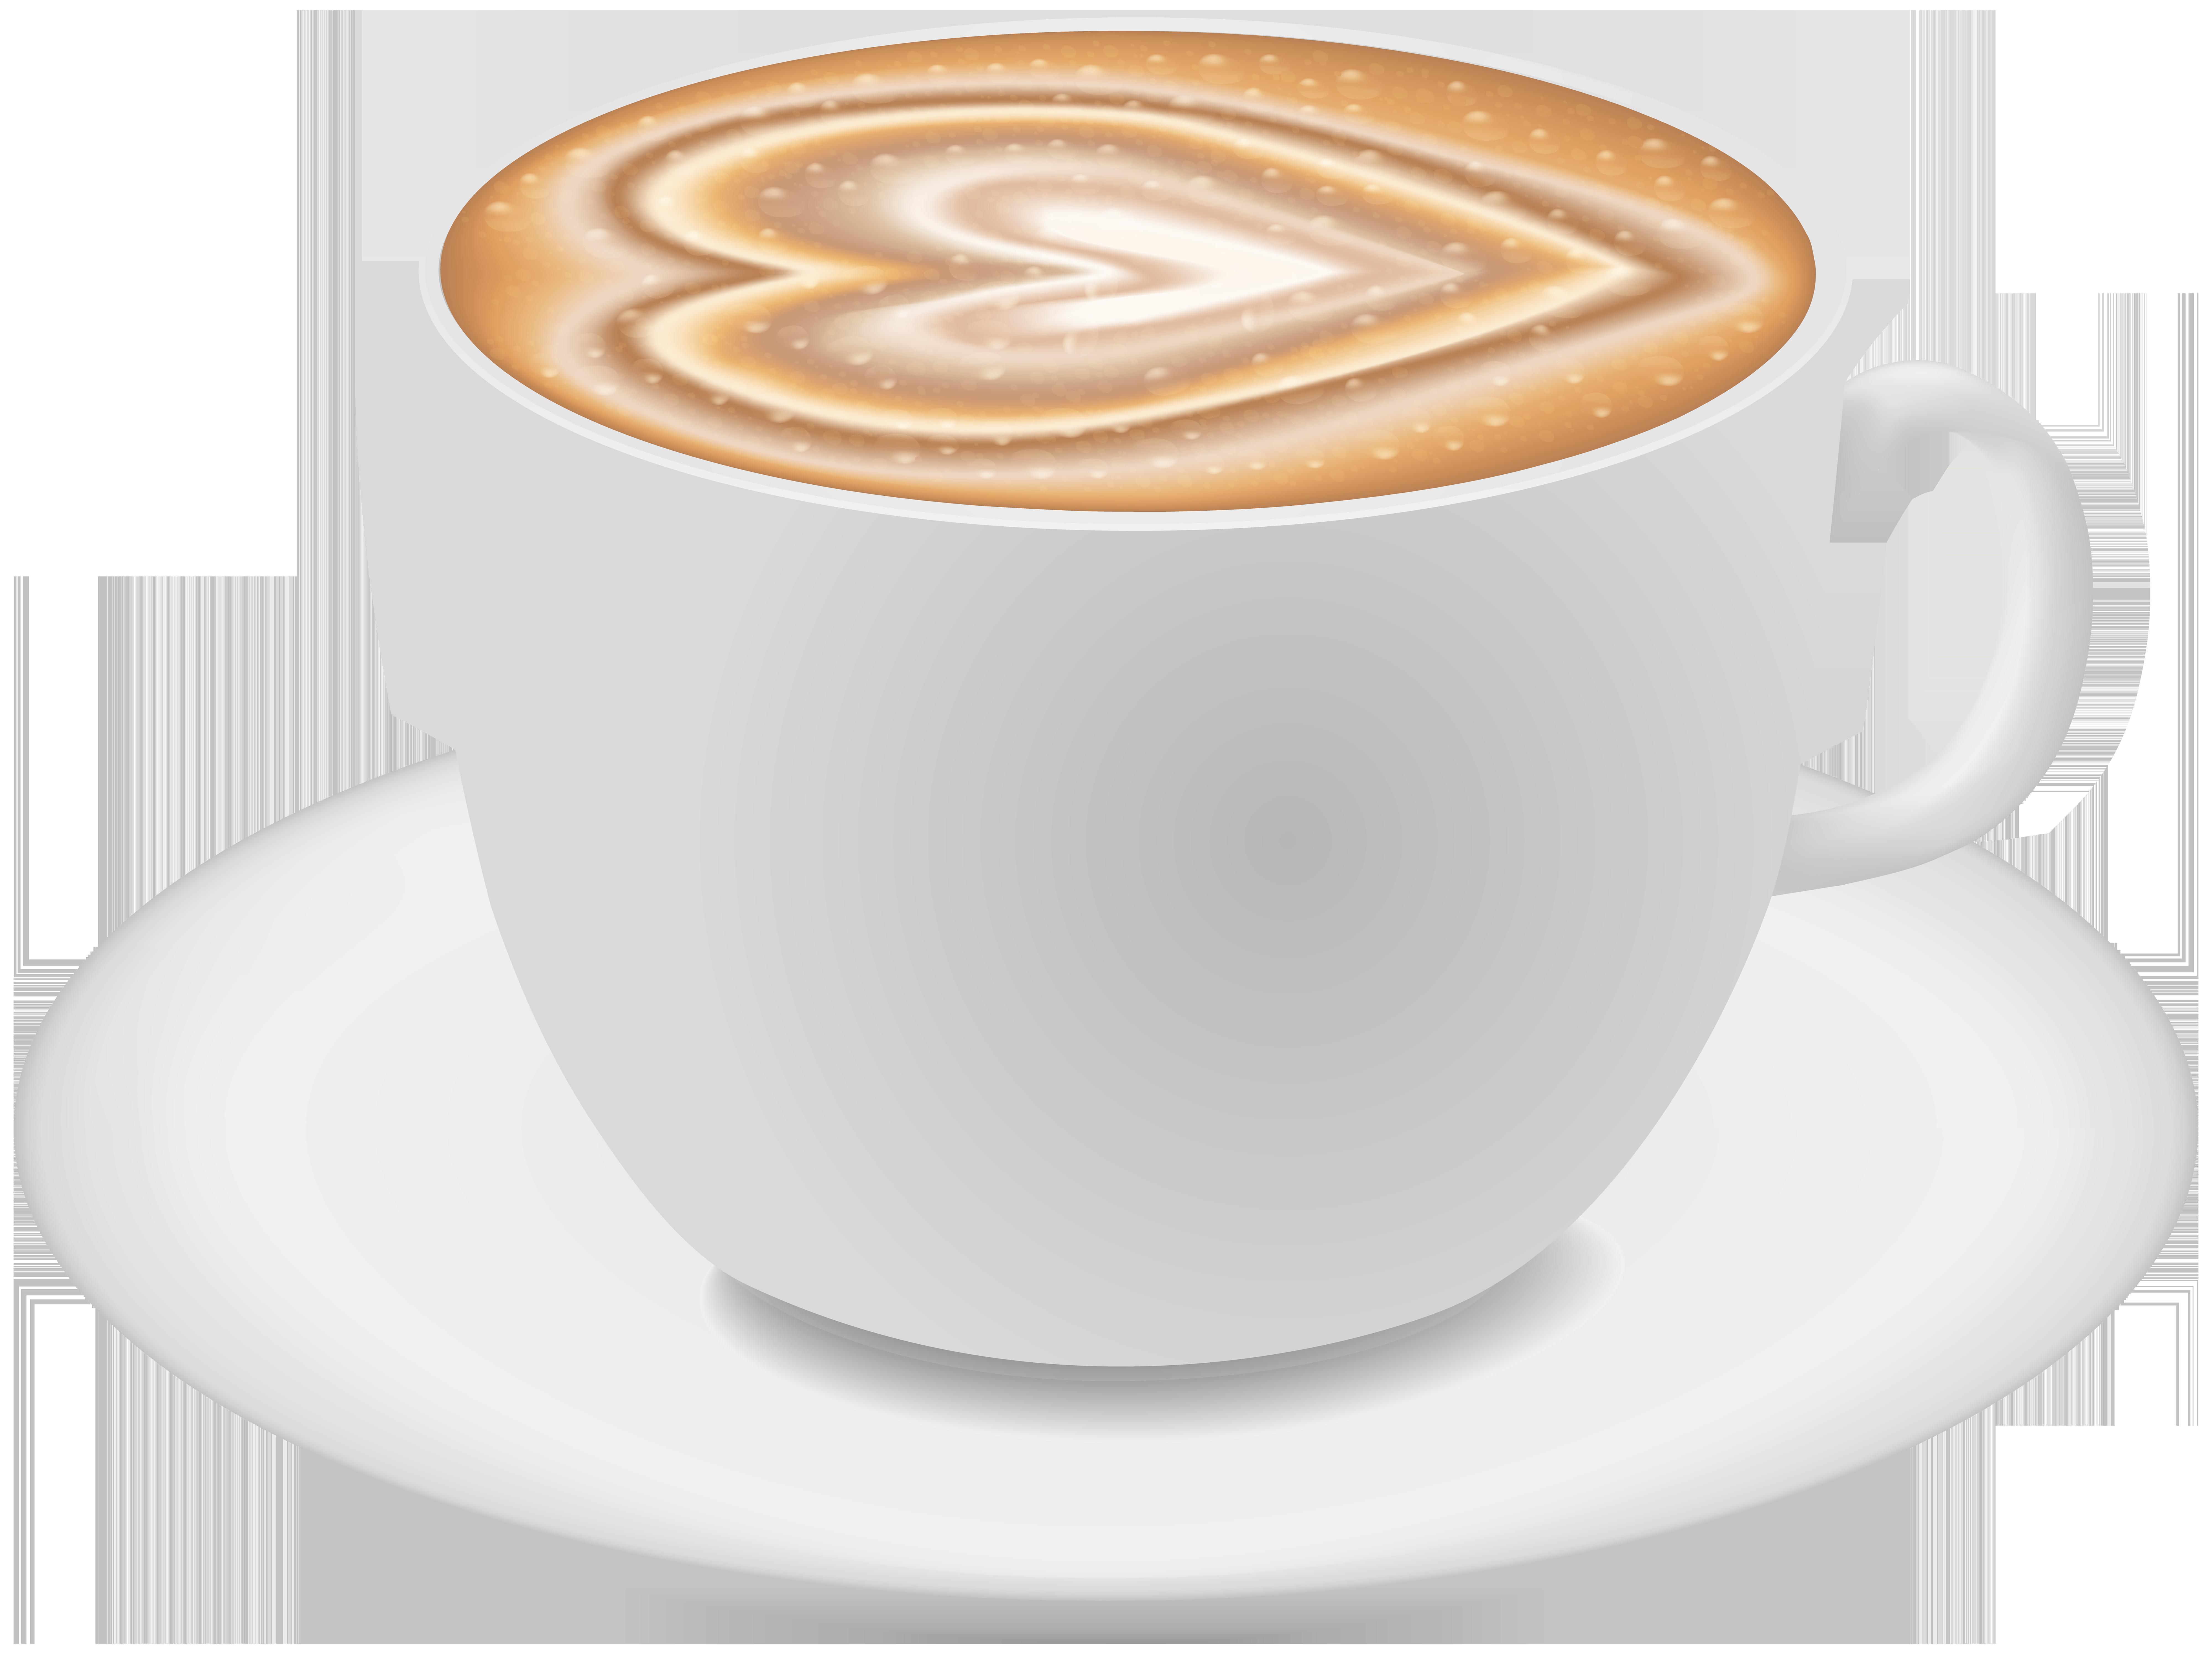 Clipart coffee cappuccino. White ristretto cuban espresso